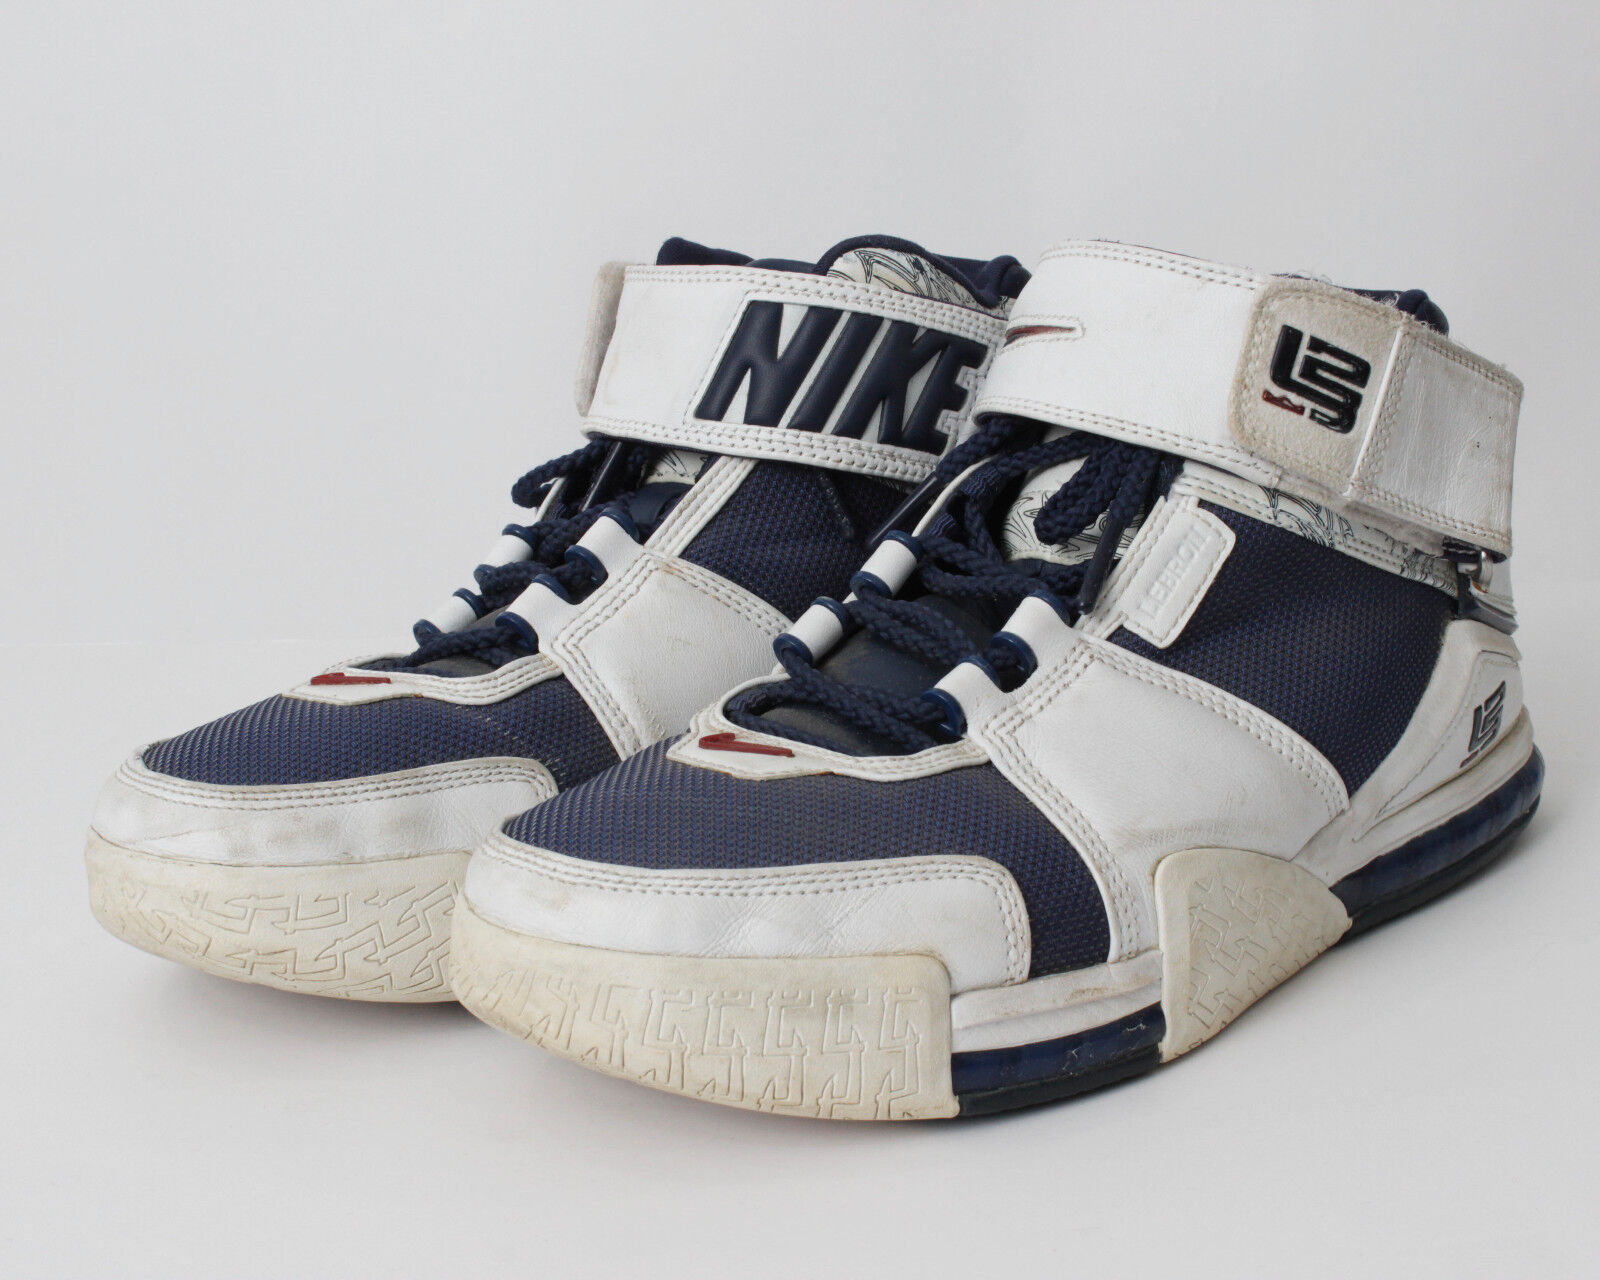 Nike zoom lebron 2 dimensioni 2004 della marina bianca 309378 441 309378441 di seconda mano